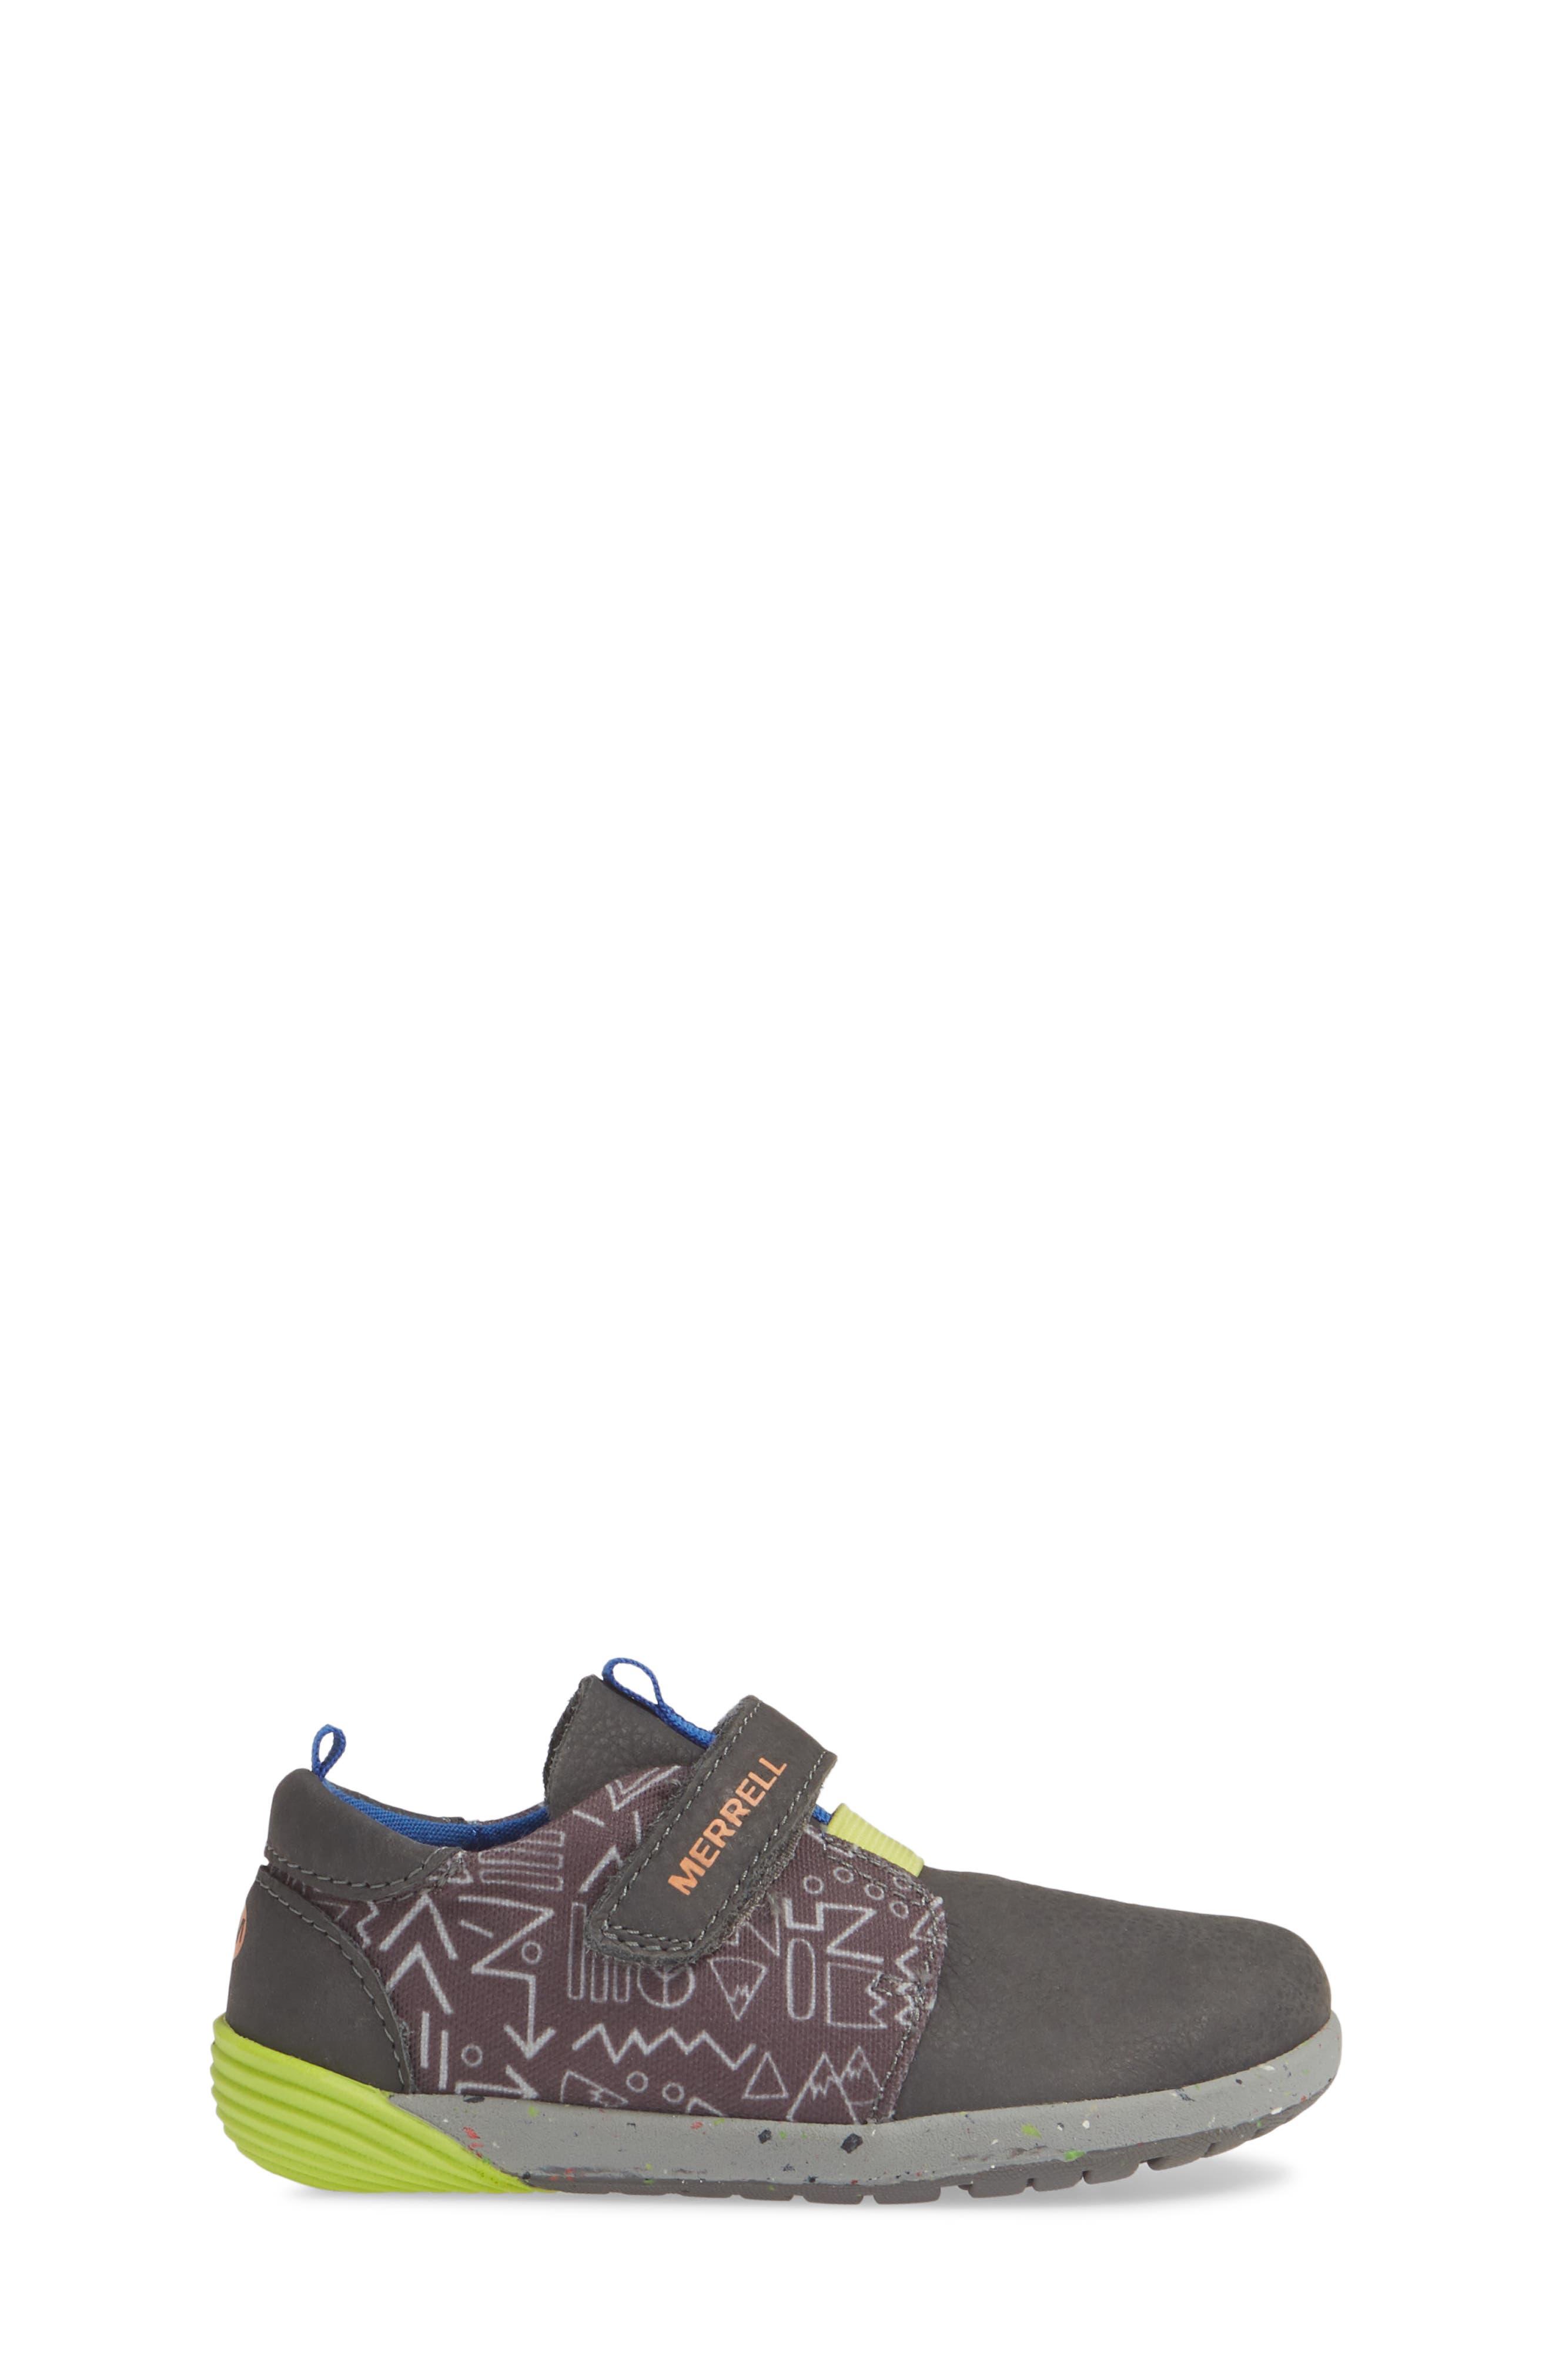 MERRELL, Bare Steps Sneaker, Alternate thumbnail 3, color, GREY